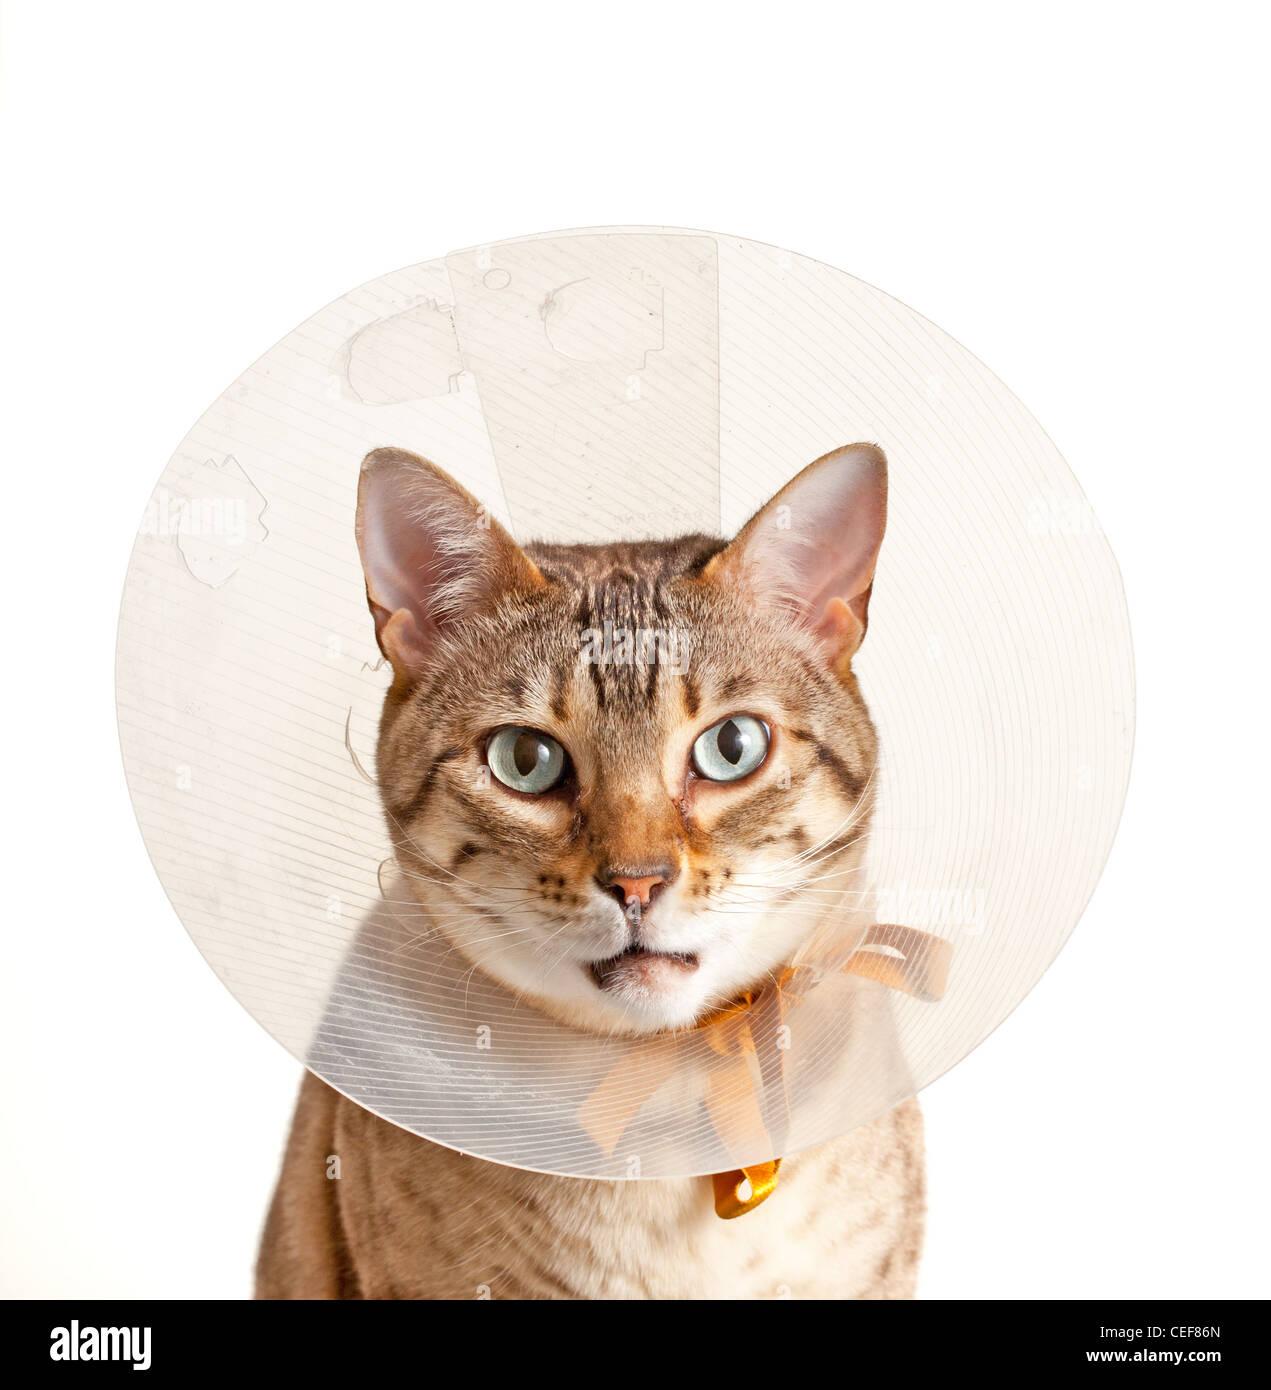 Воротник на шею кошке как сделать